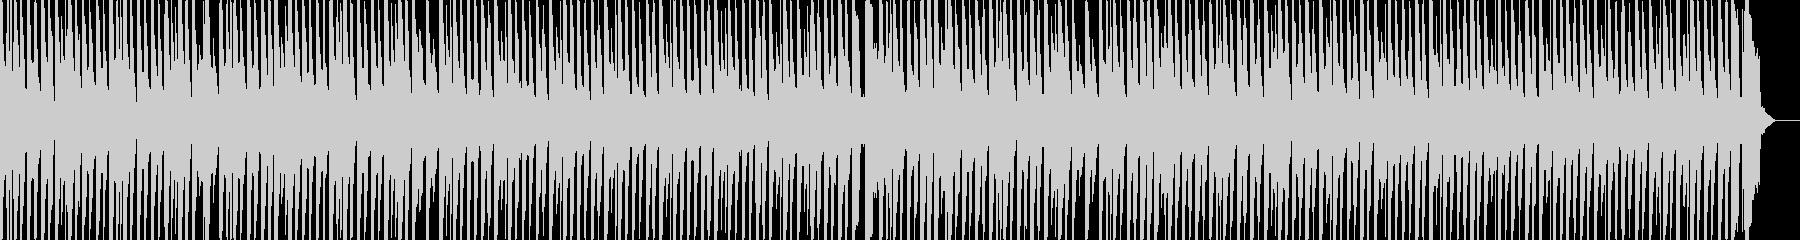 絵本 アニメ かわいいBGM の未再生の波形